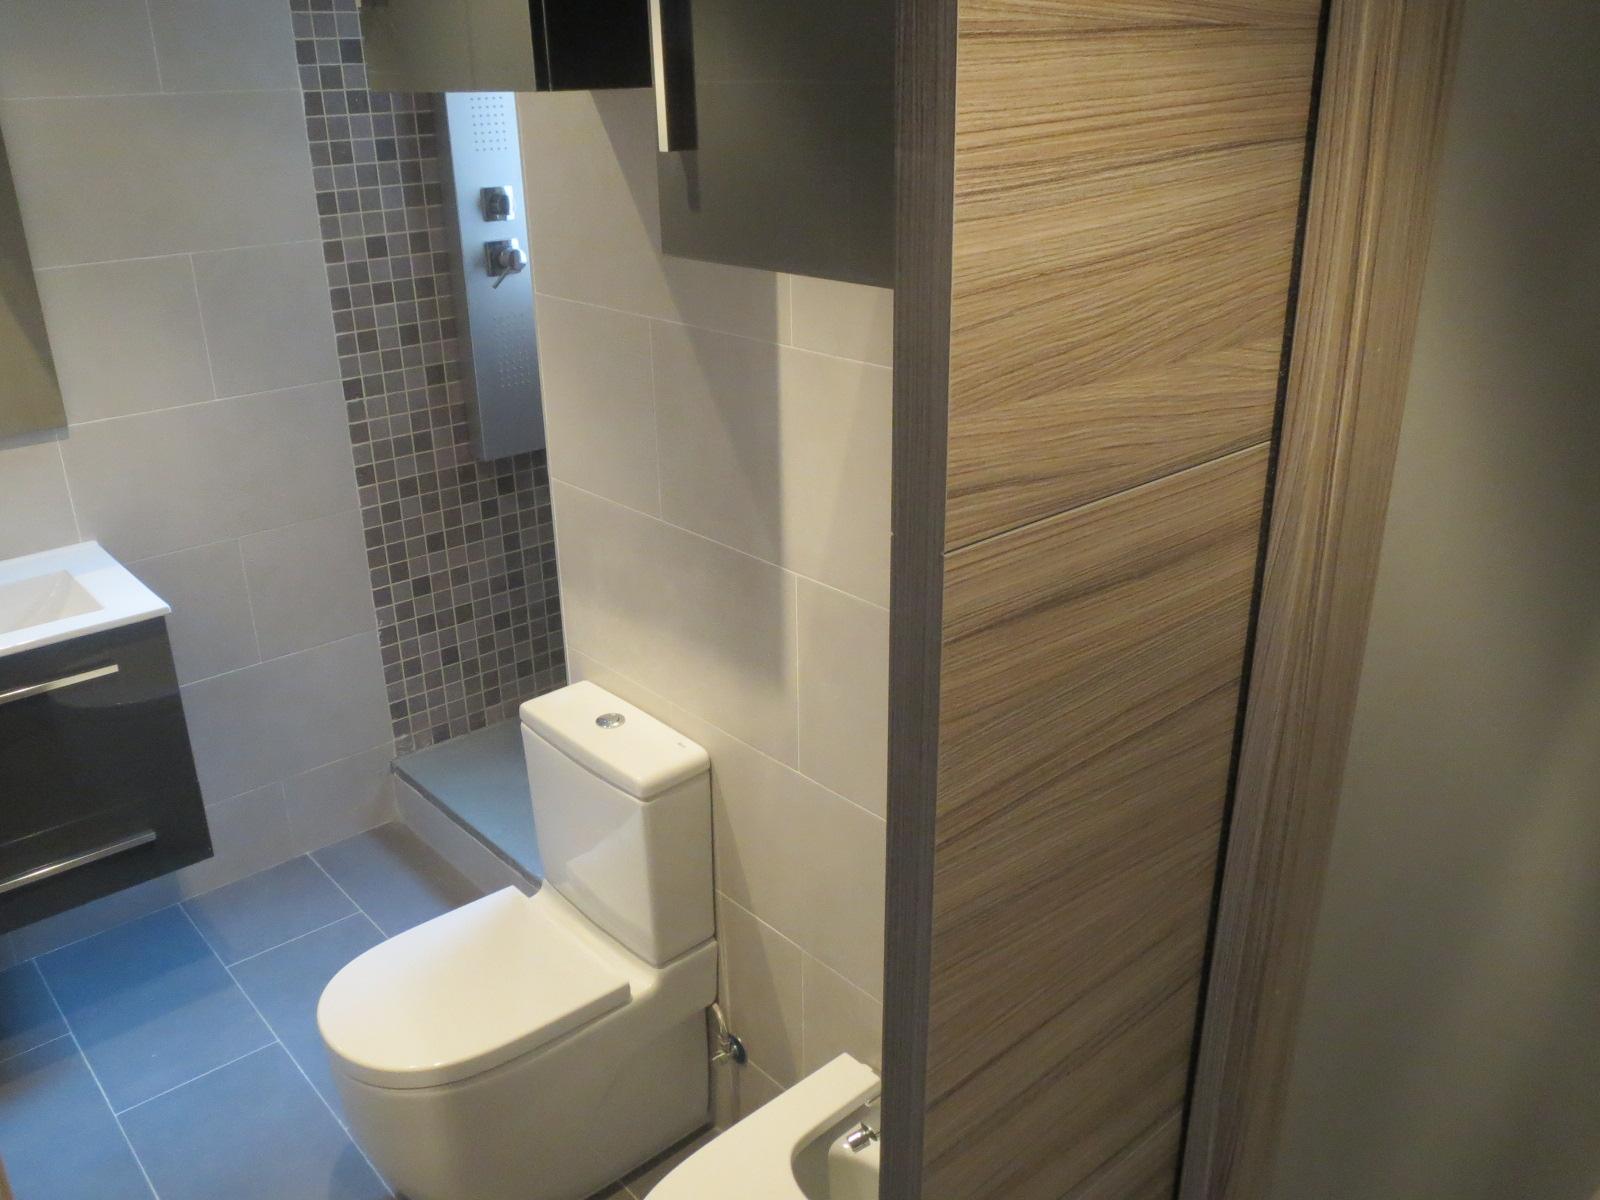 Baños Con Ducha Reformados:Cuarto de baño equipado y reformado – Grupo Inventia